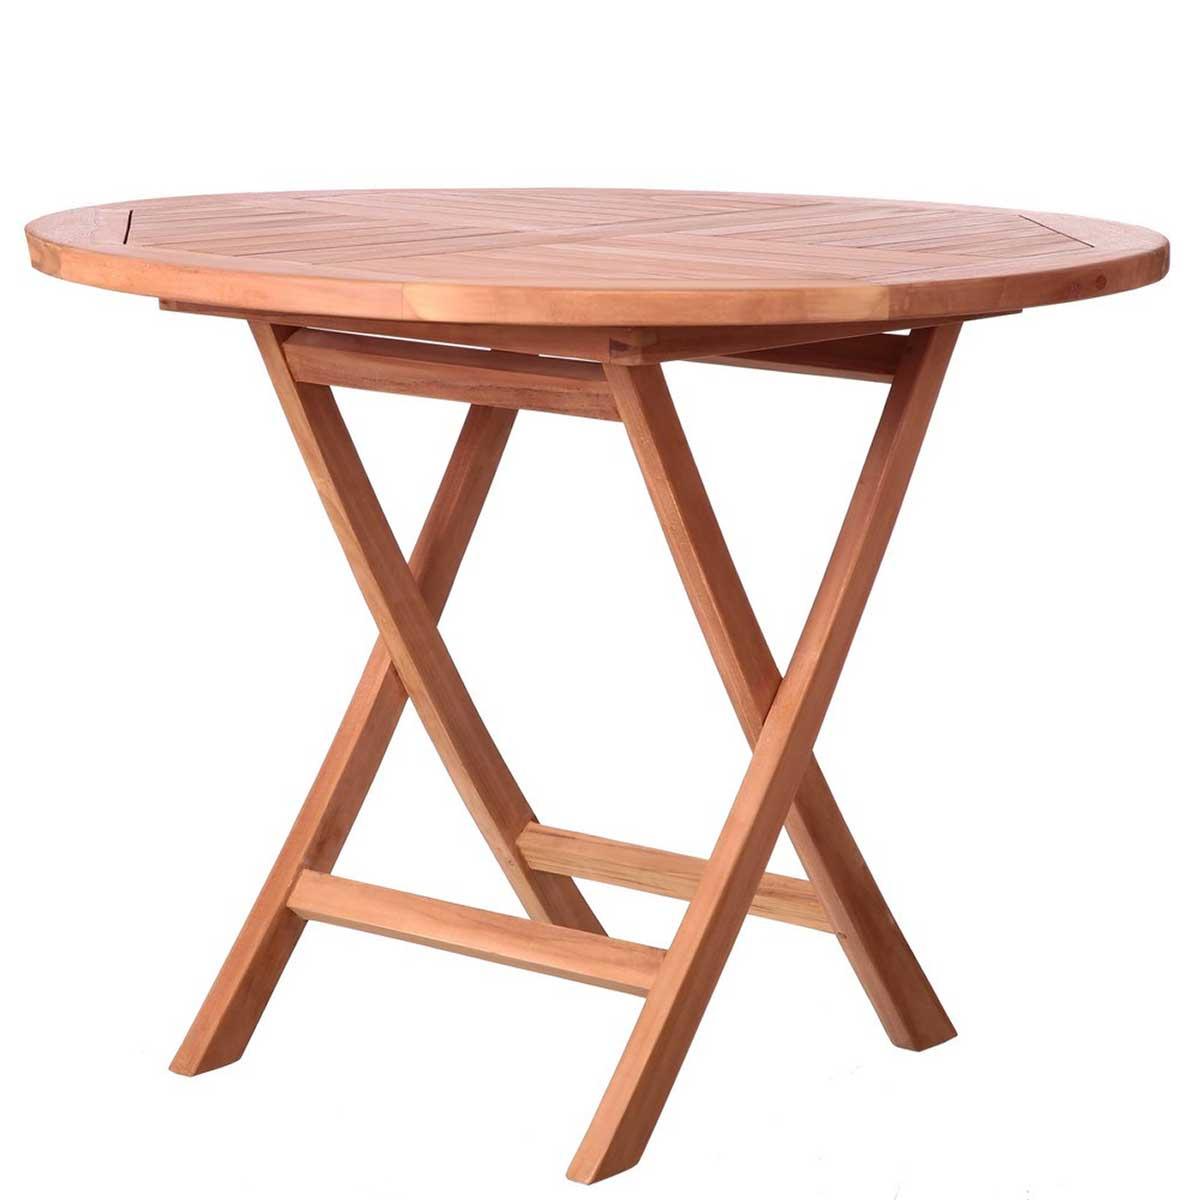 Table ronde et pliante en teck - Naturel - 100.00 cm x 100.00 cm x 78.50